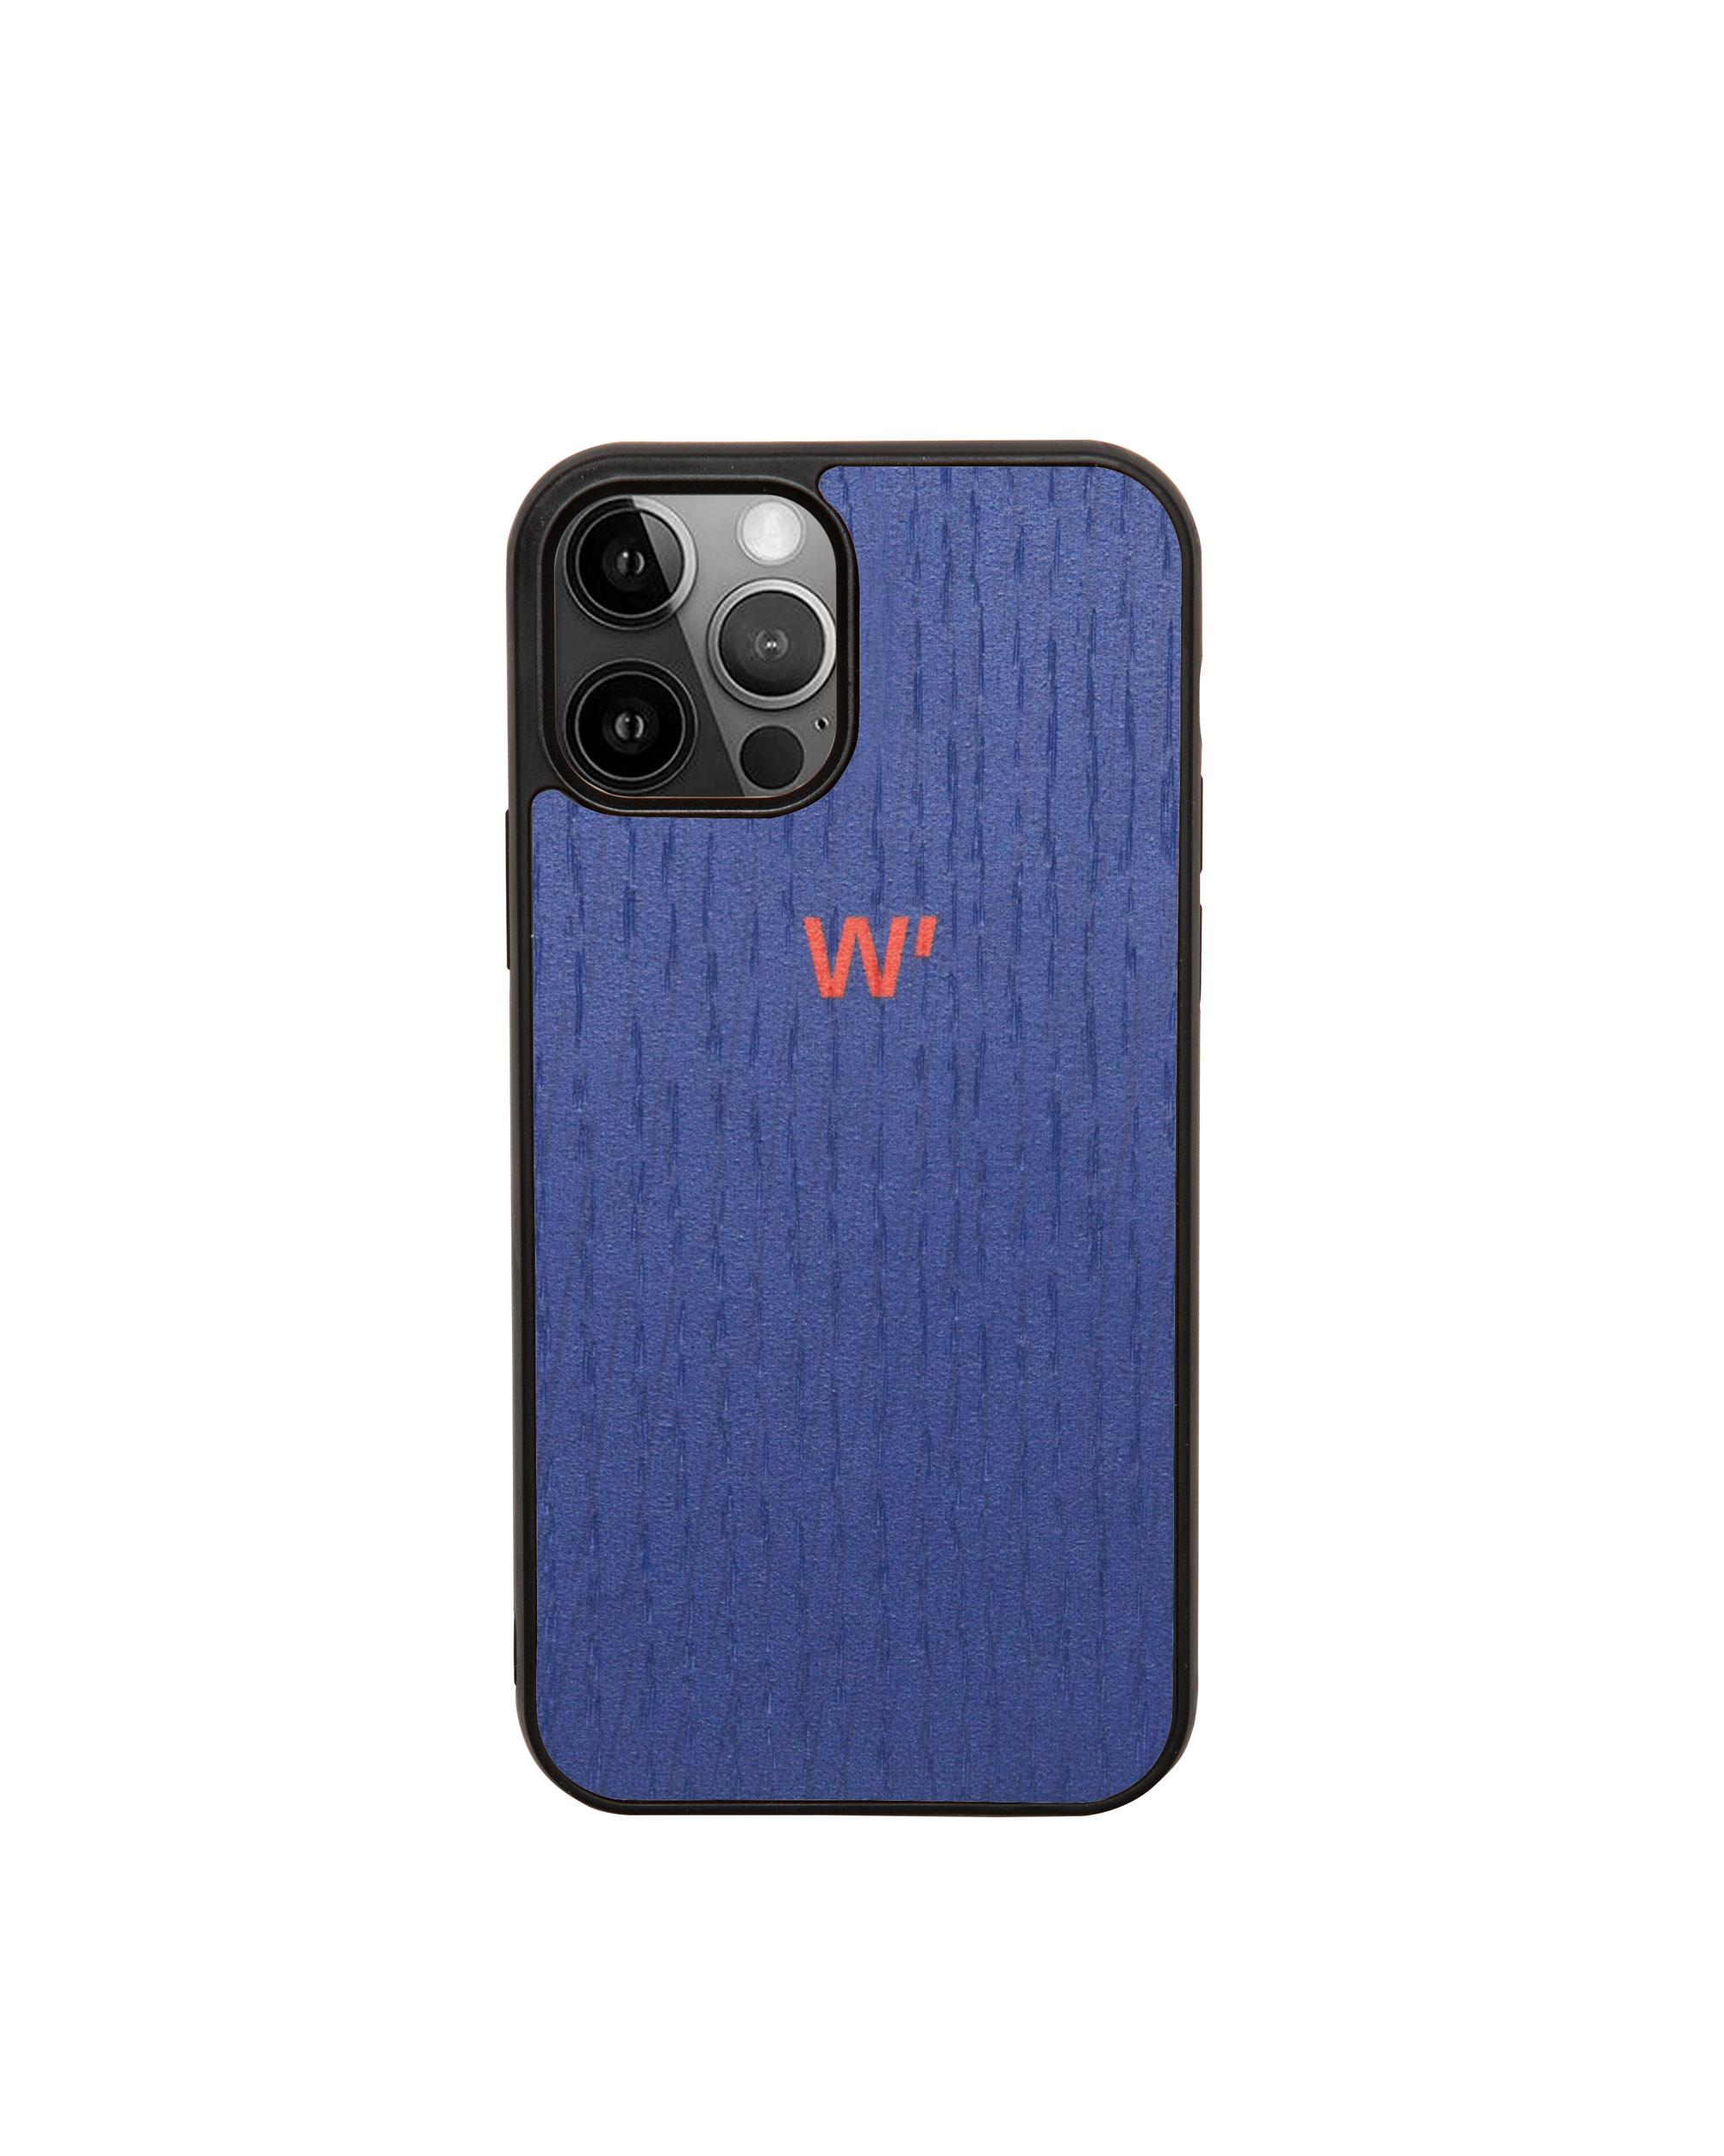 DEEP BLUE - Coque en bois pour iPhone 11 pro max (photo)